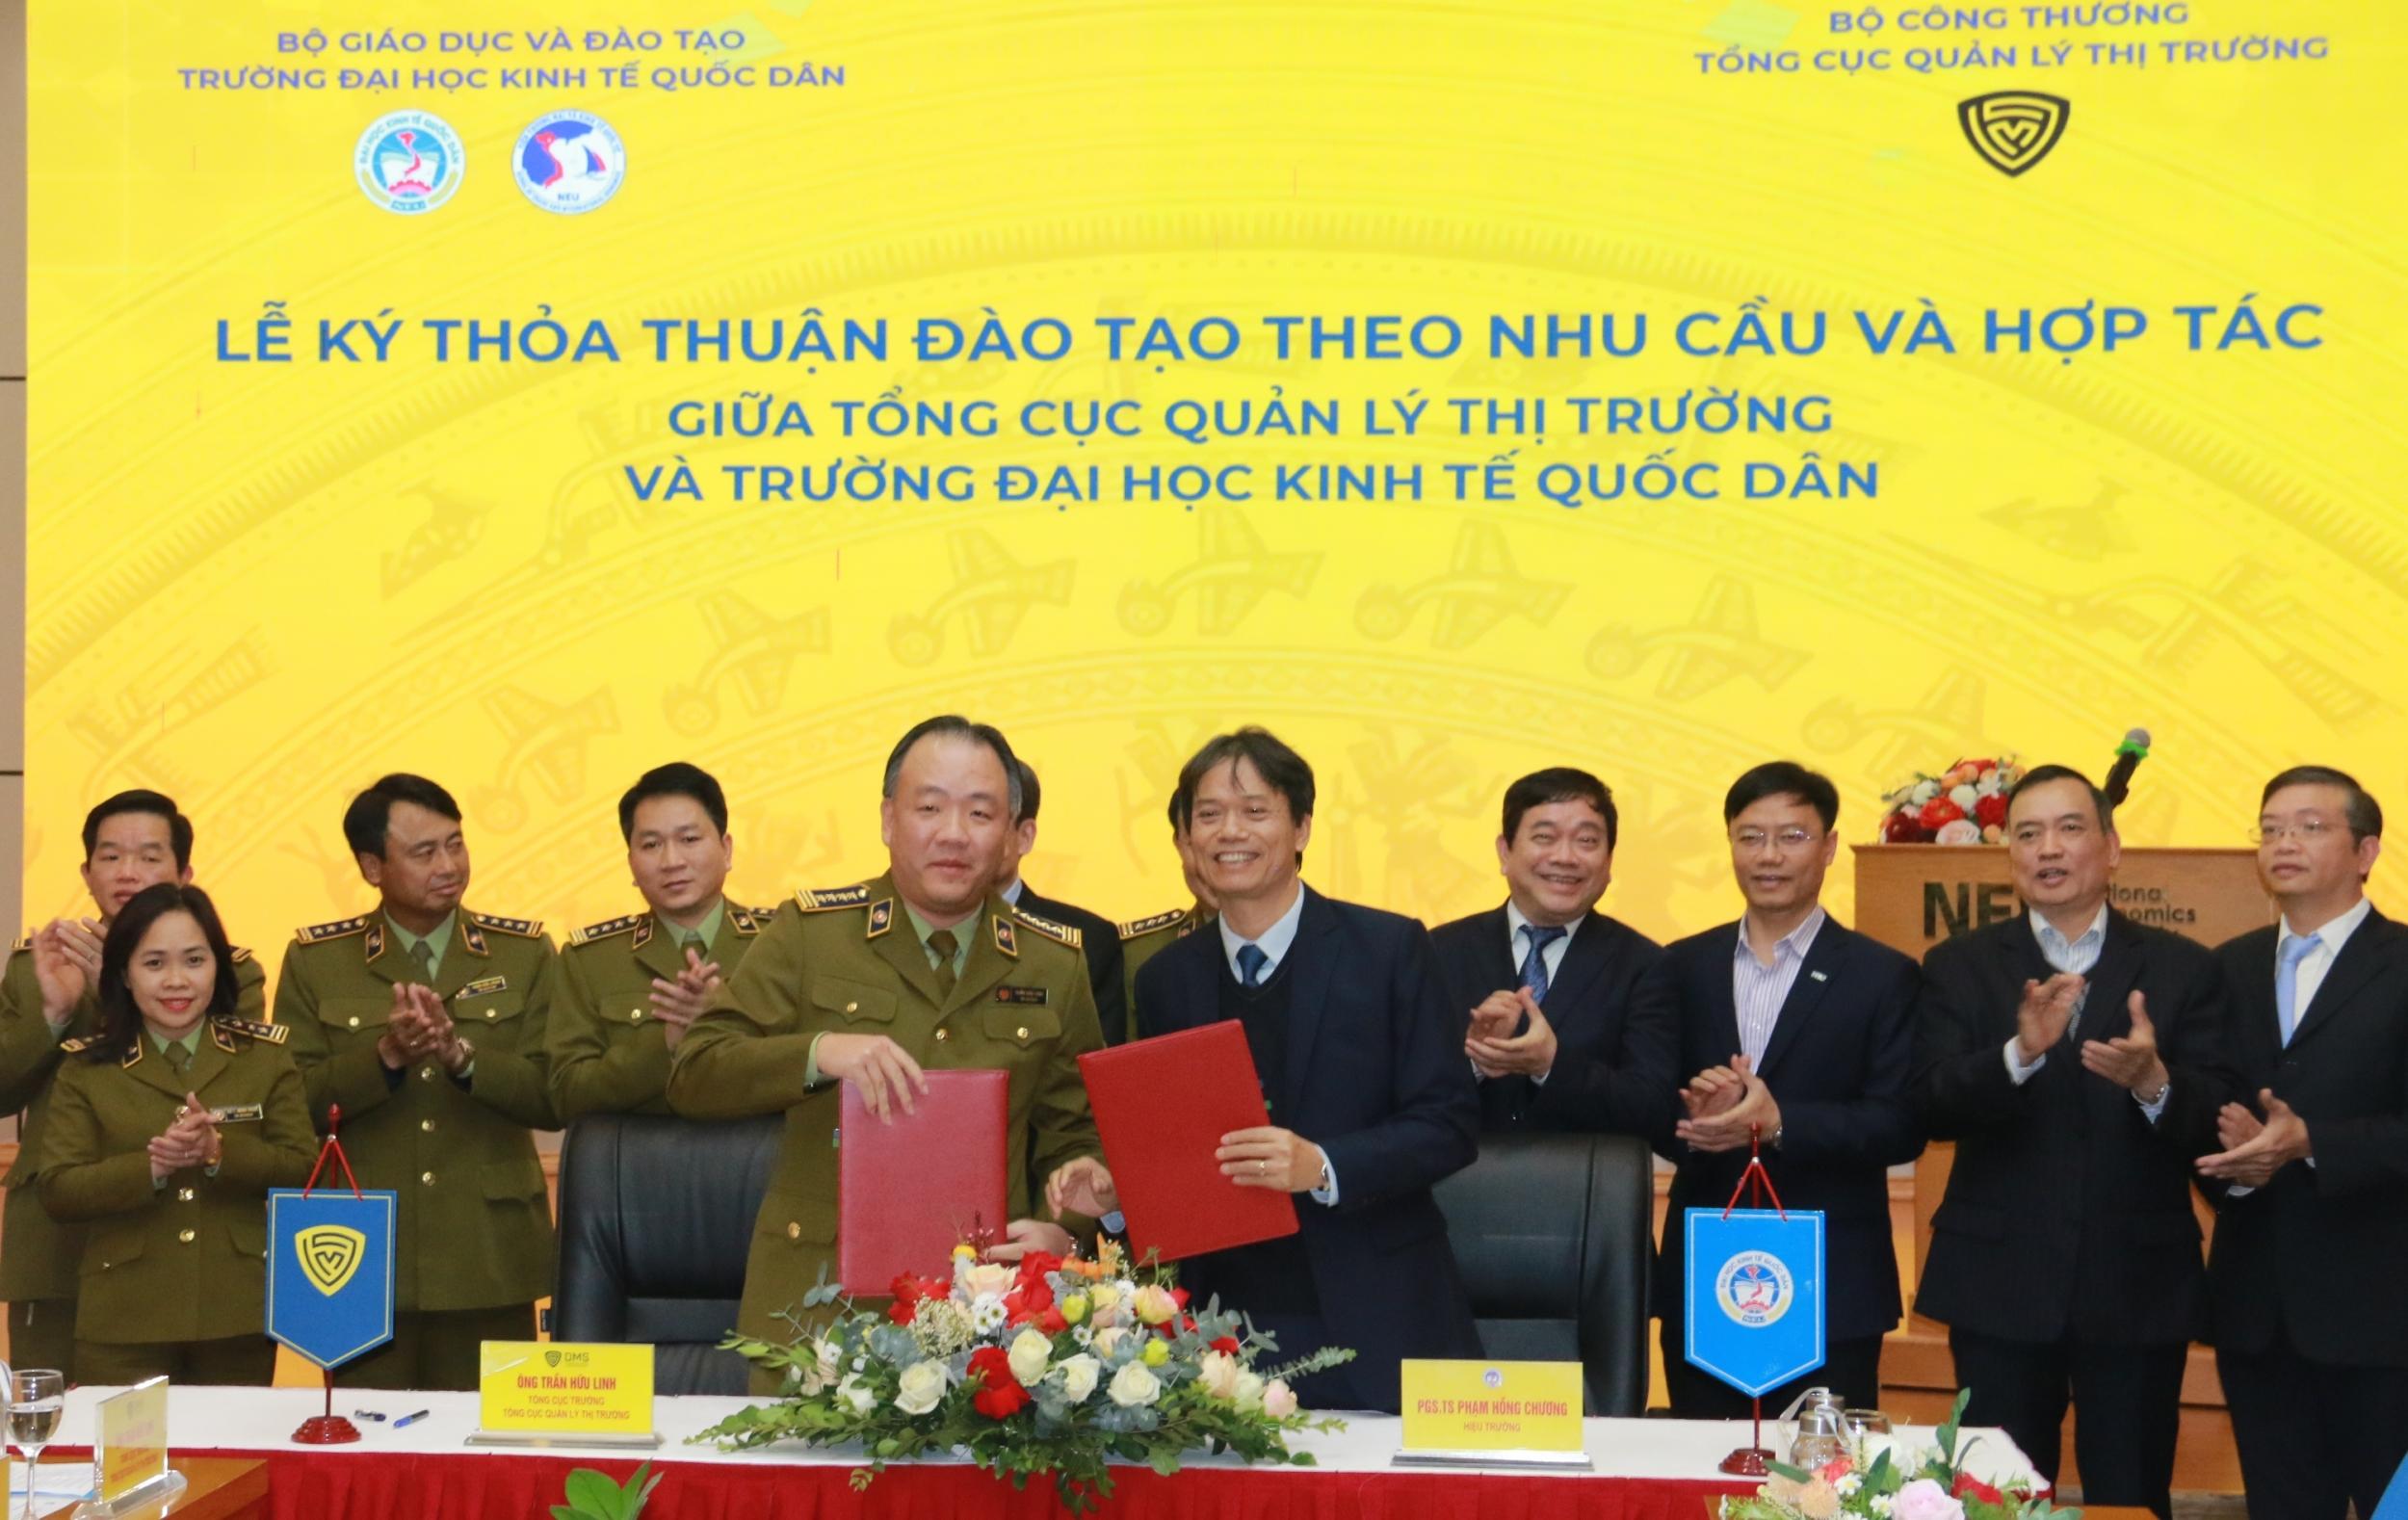 Việt Nam có Đại học đào tạo chính quy về Quản lý thị trường